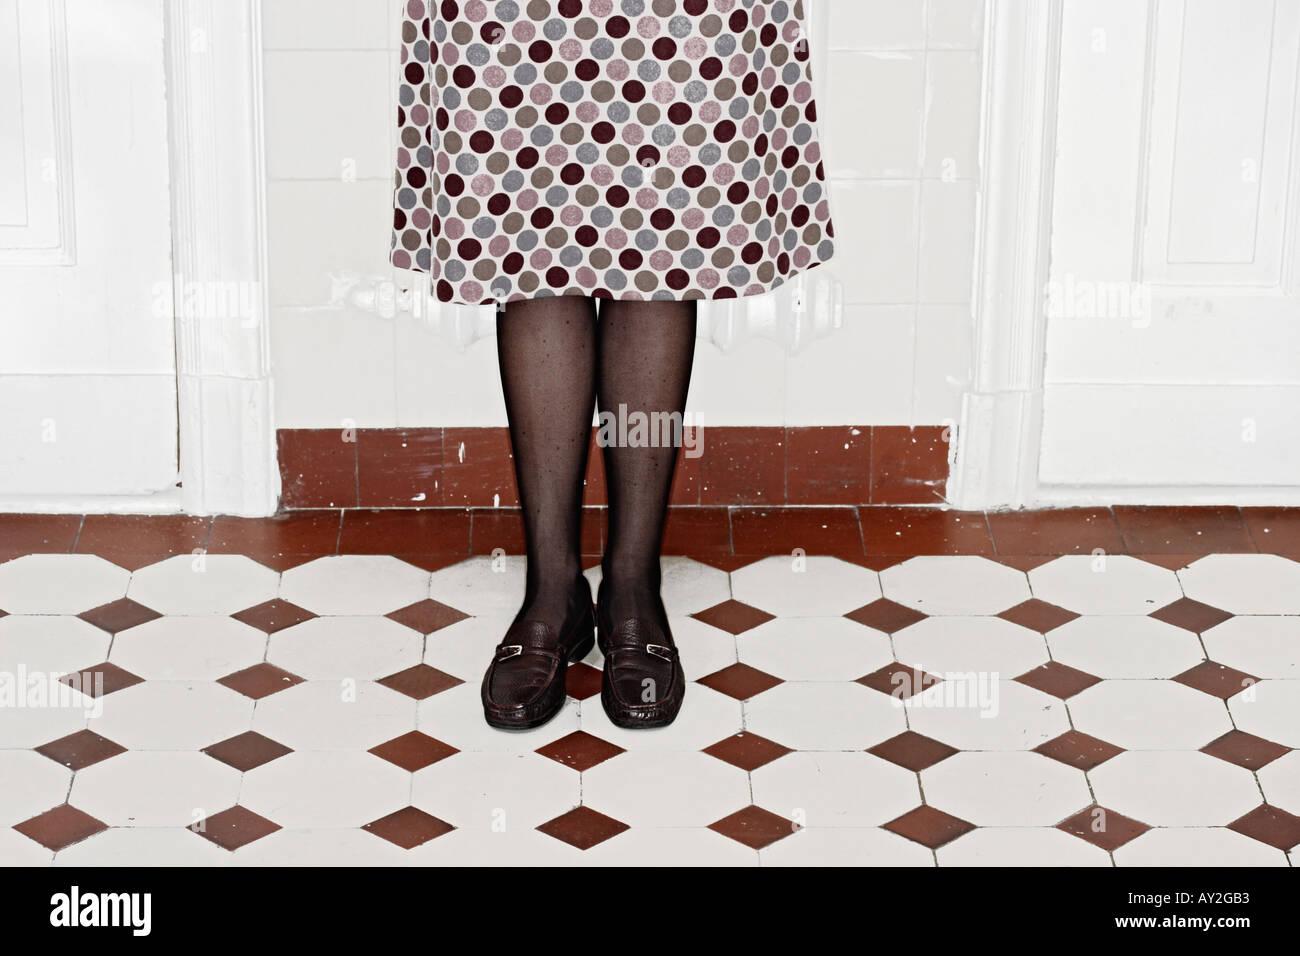 Jeune femme en jupe en pointillé sur les carreaux permanent En Vacances Berlin Allemagne Photo Stock